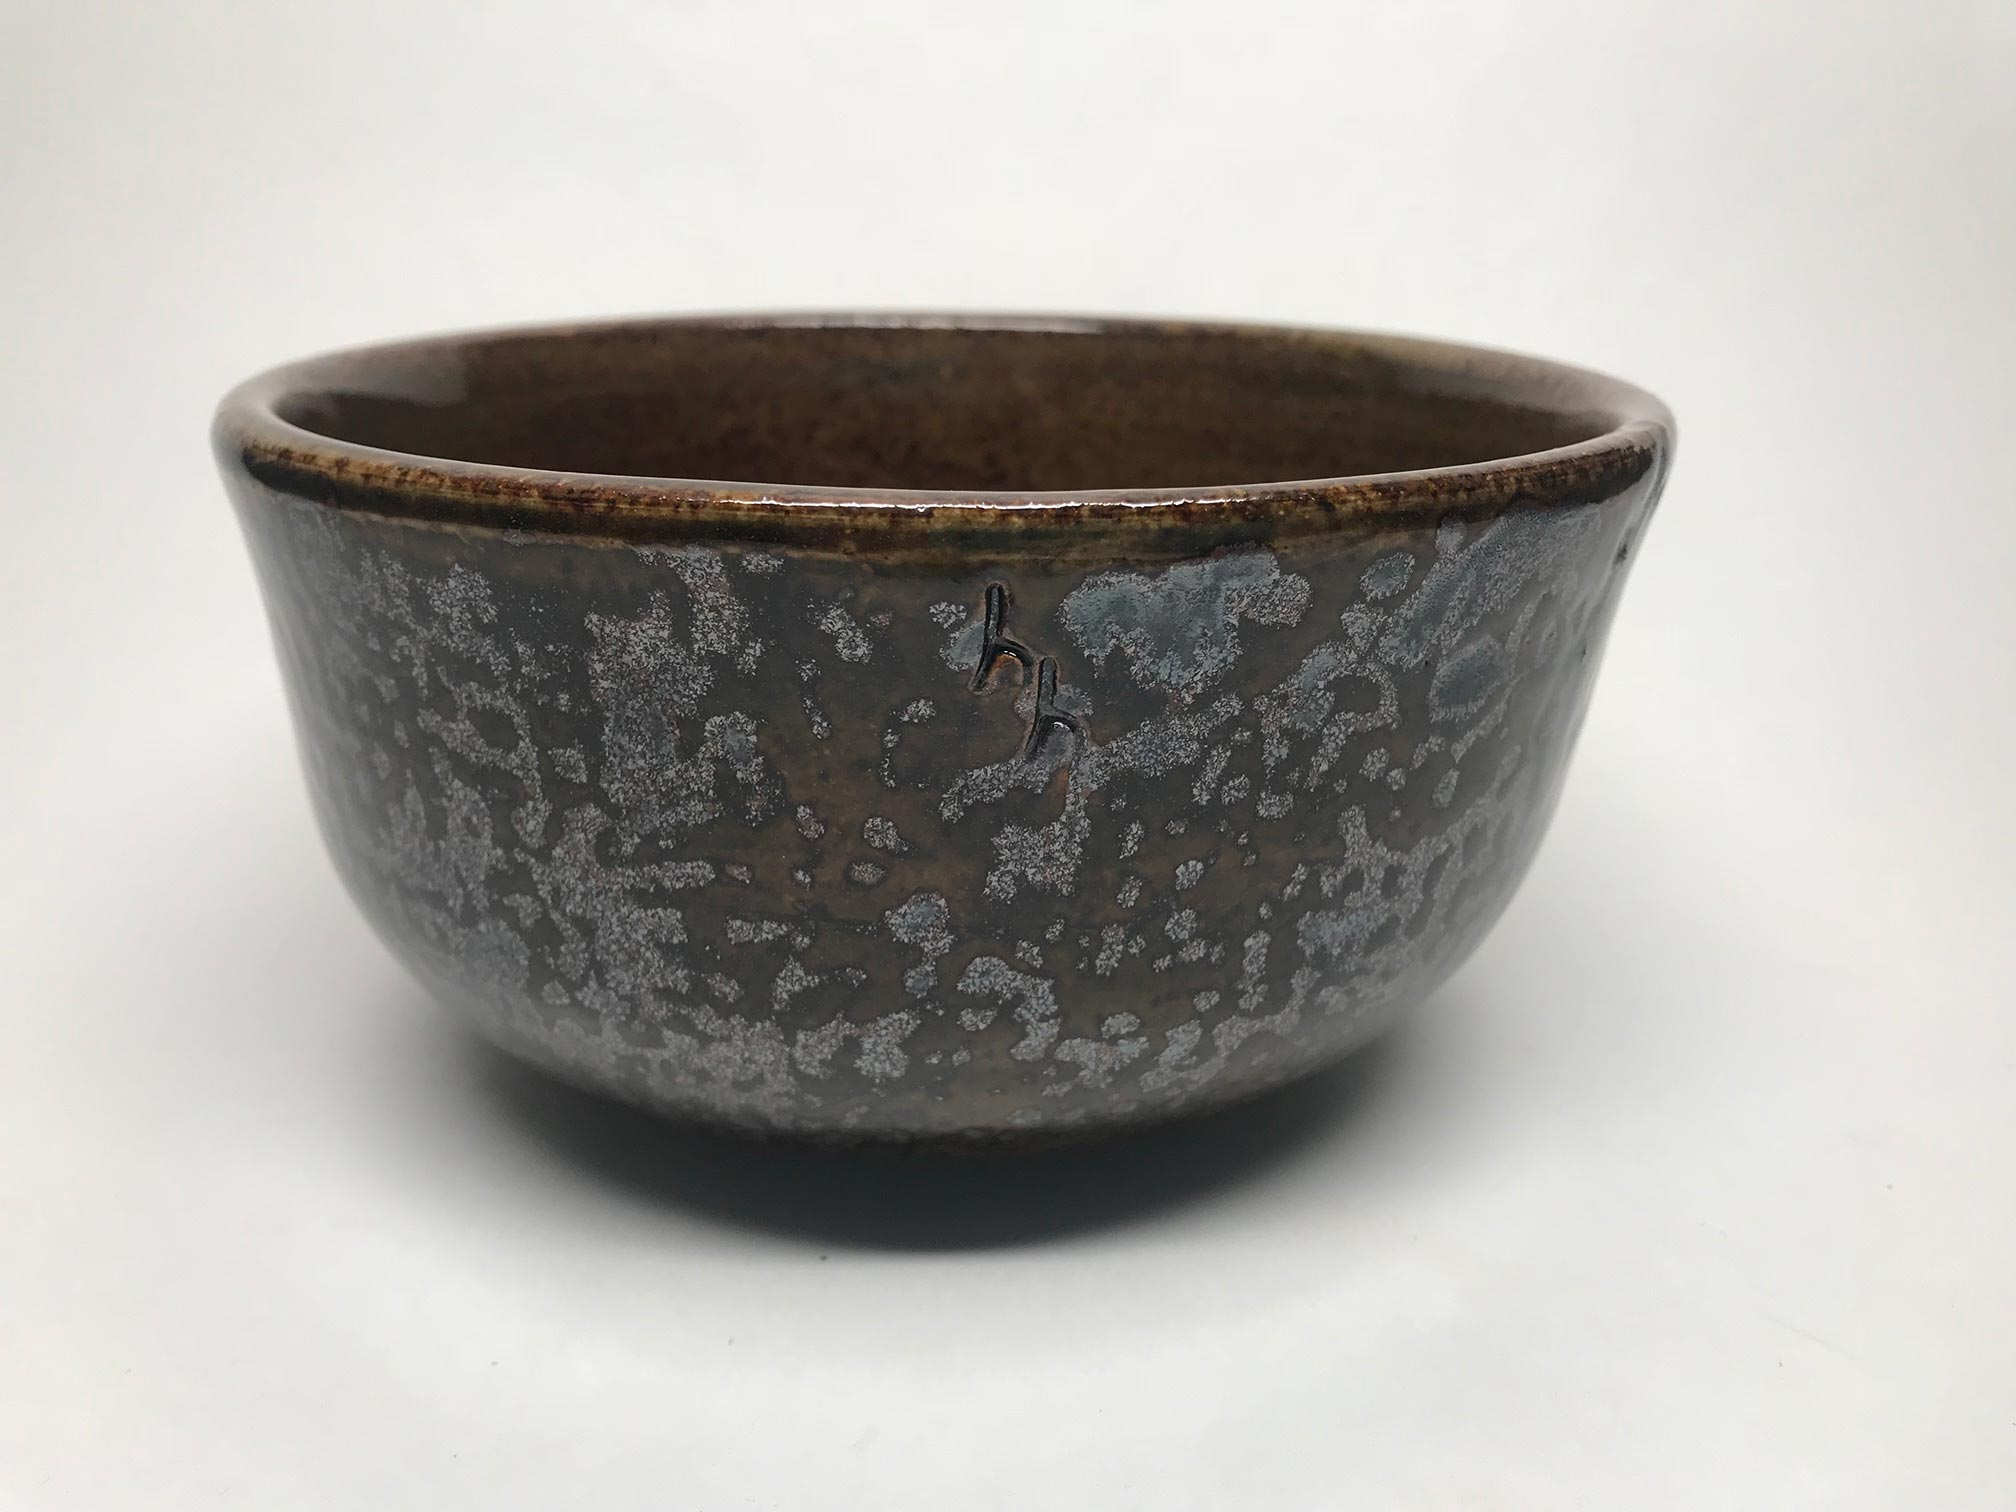 Horn_Thrown Bowl_Thrown Stoneware_5 x 7 inches - 2.jpg